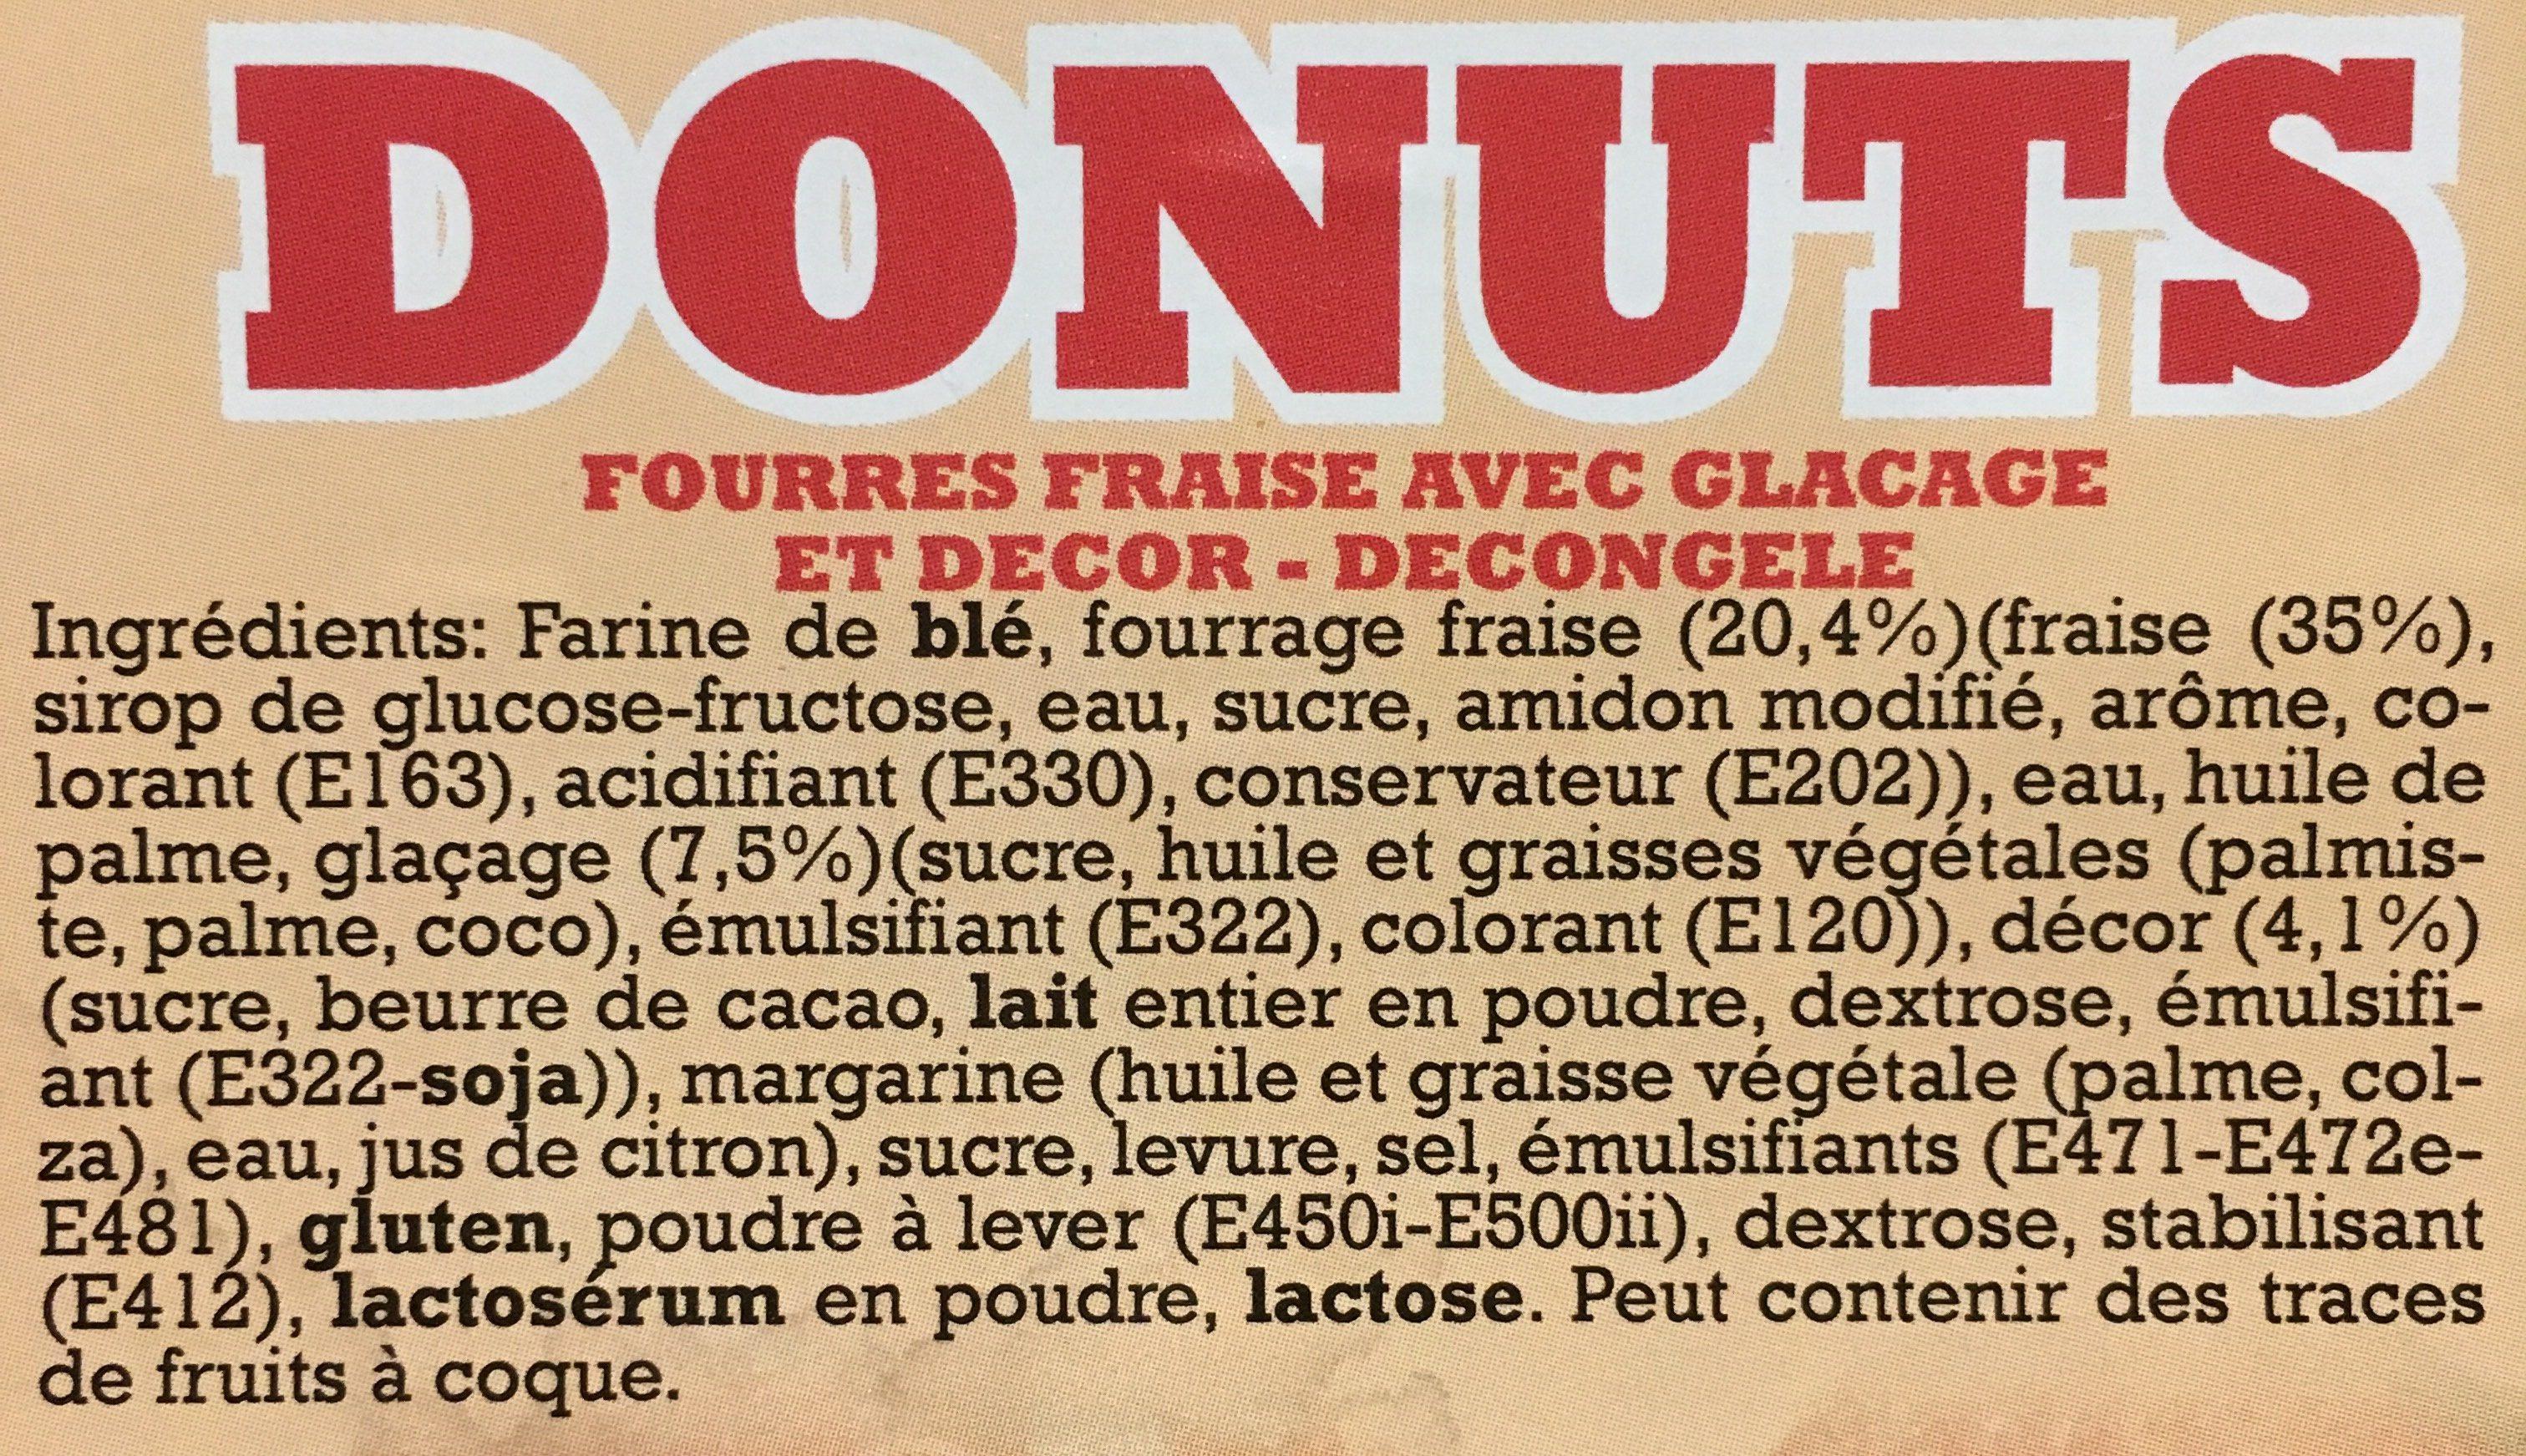 Donuts fourrés fraise avec glaçage et decor - Ingrédients - fr